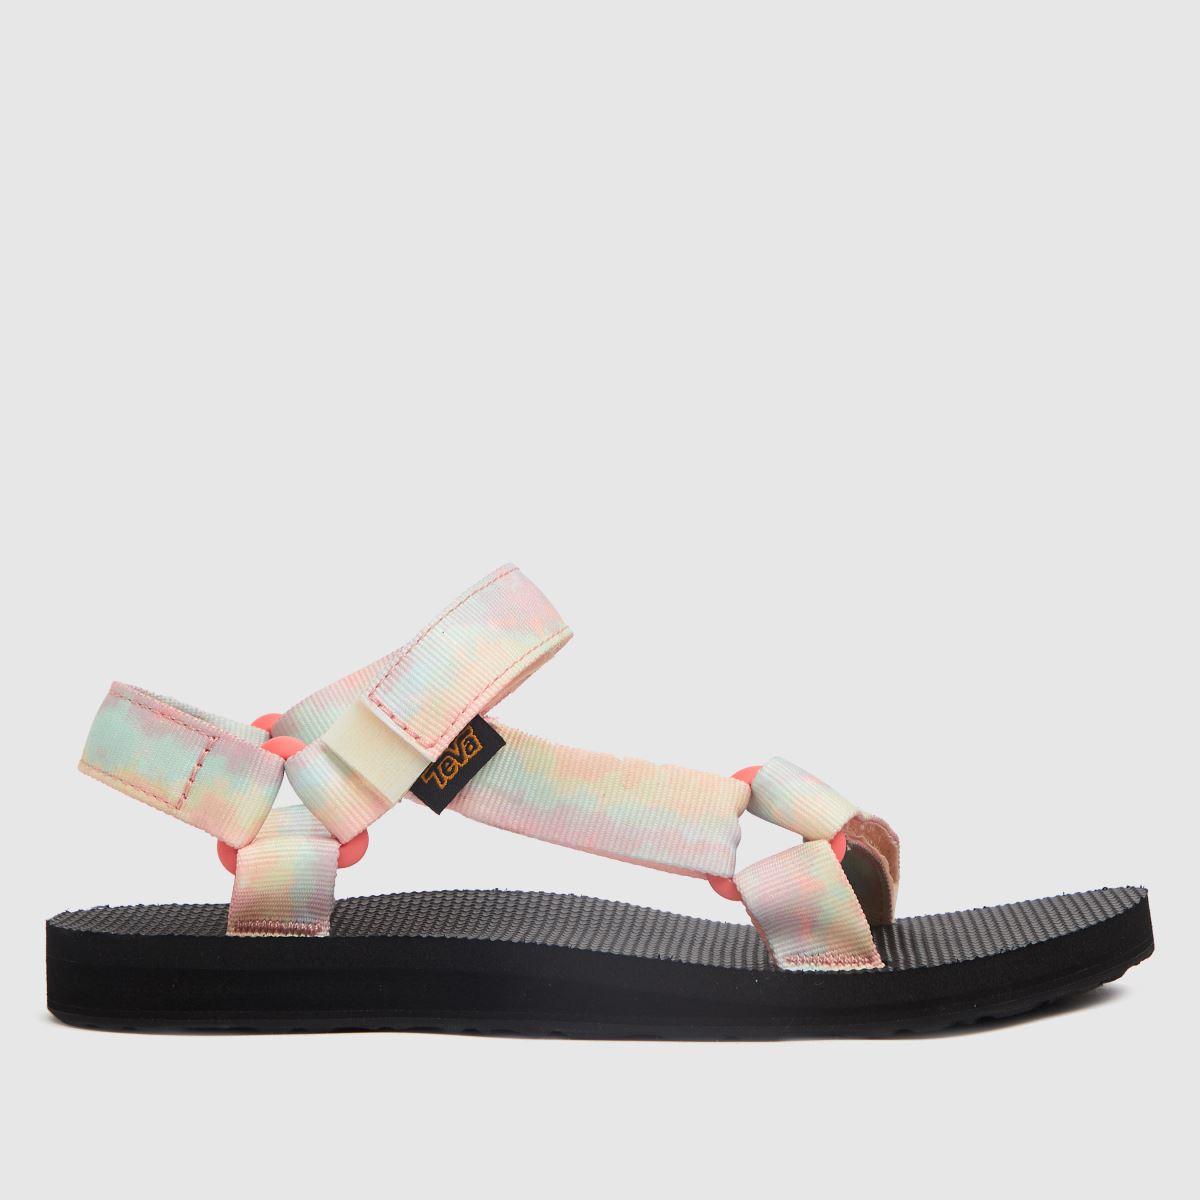 Teva Black & Pink Original Universal Sandals